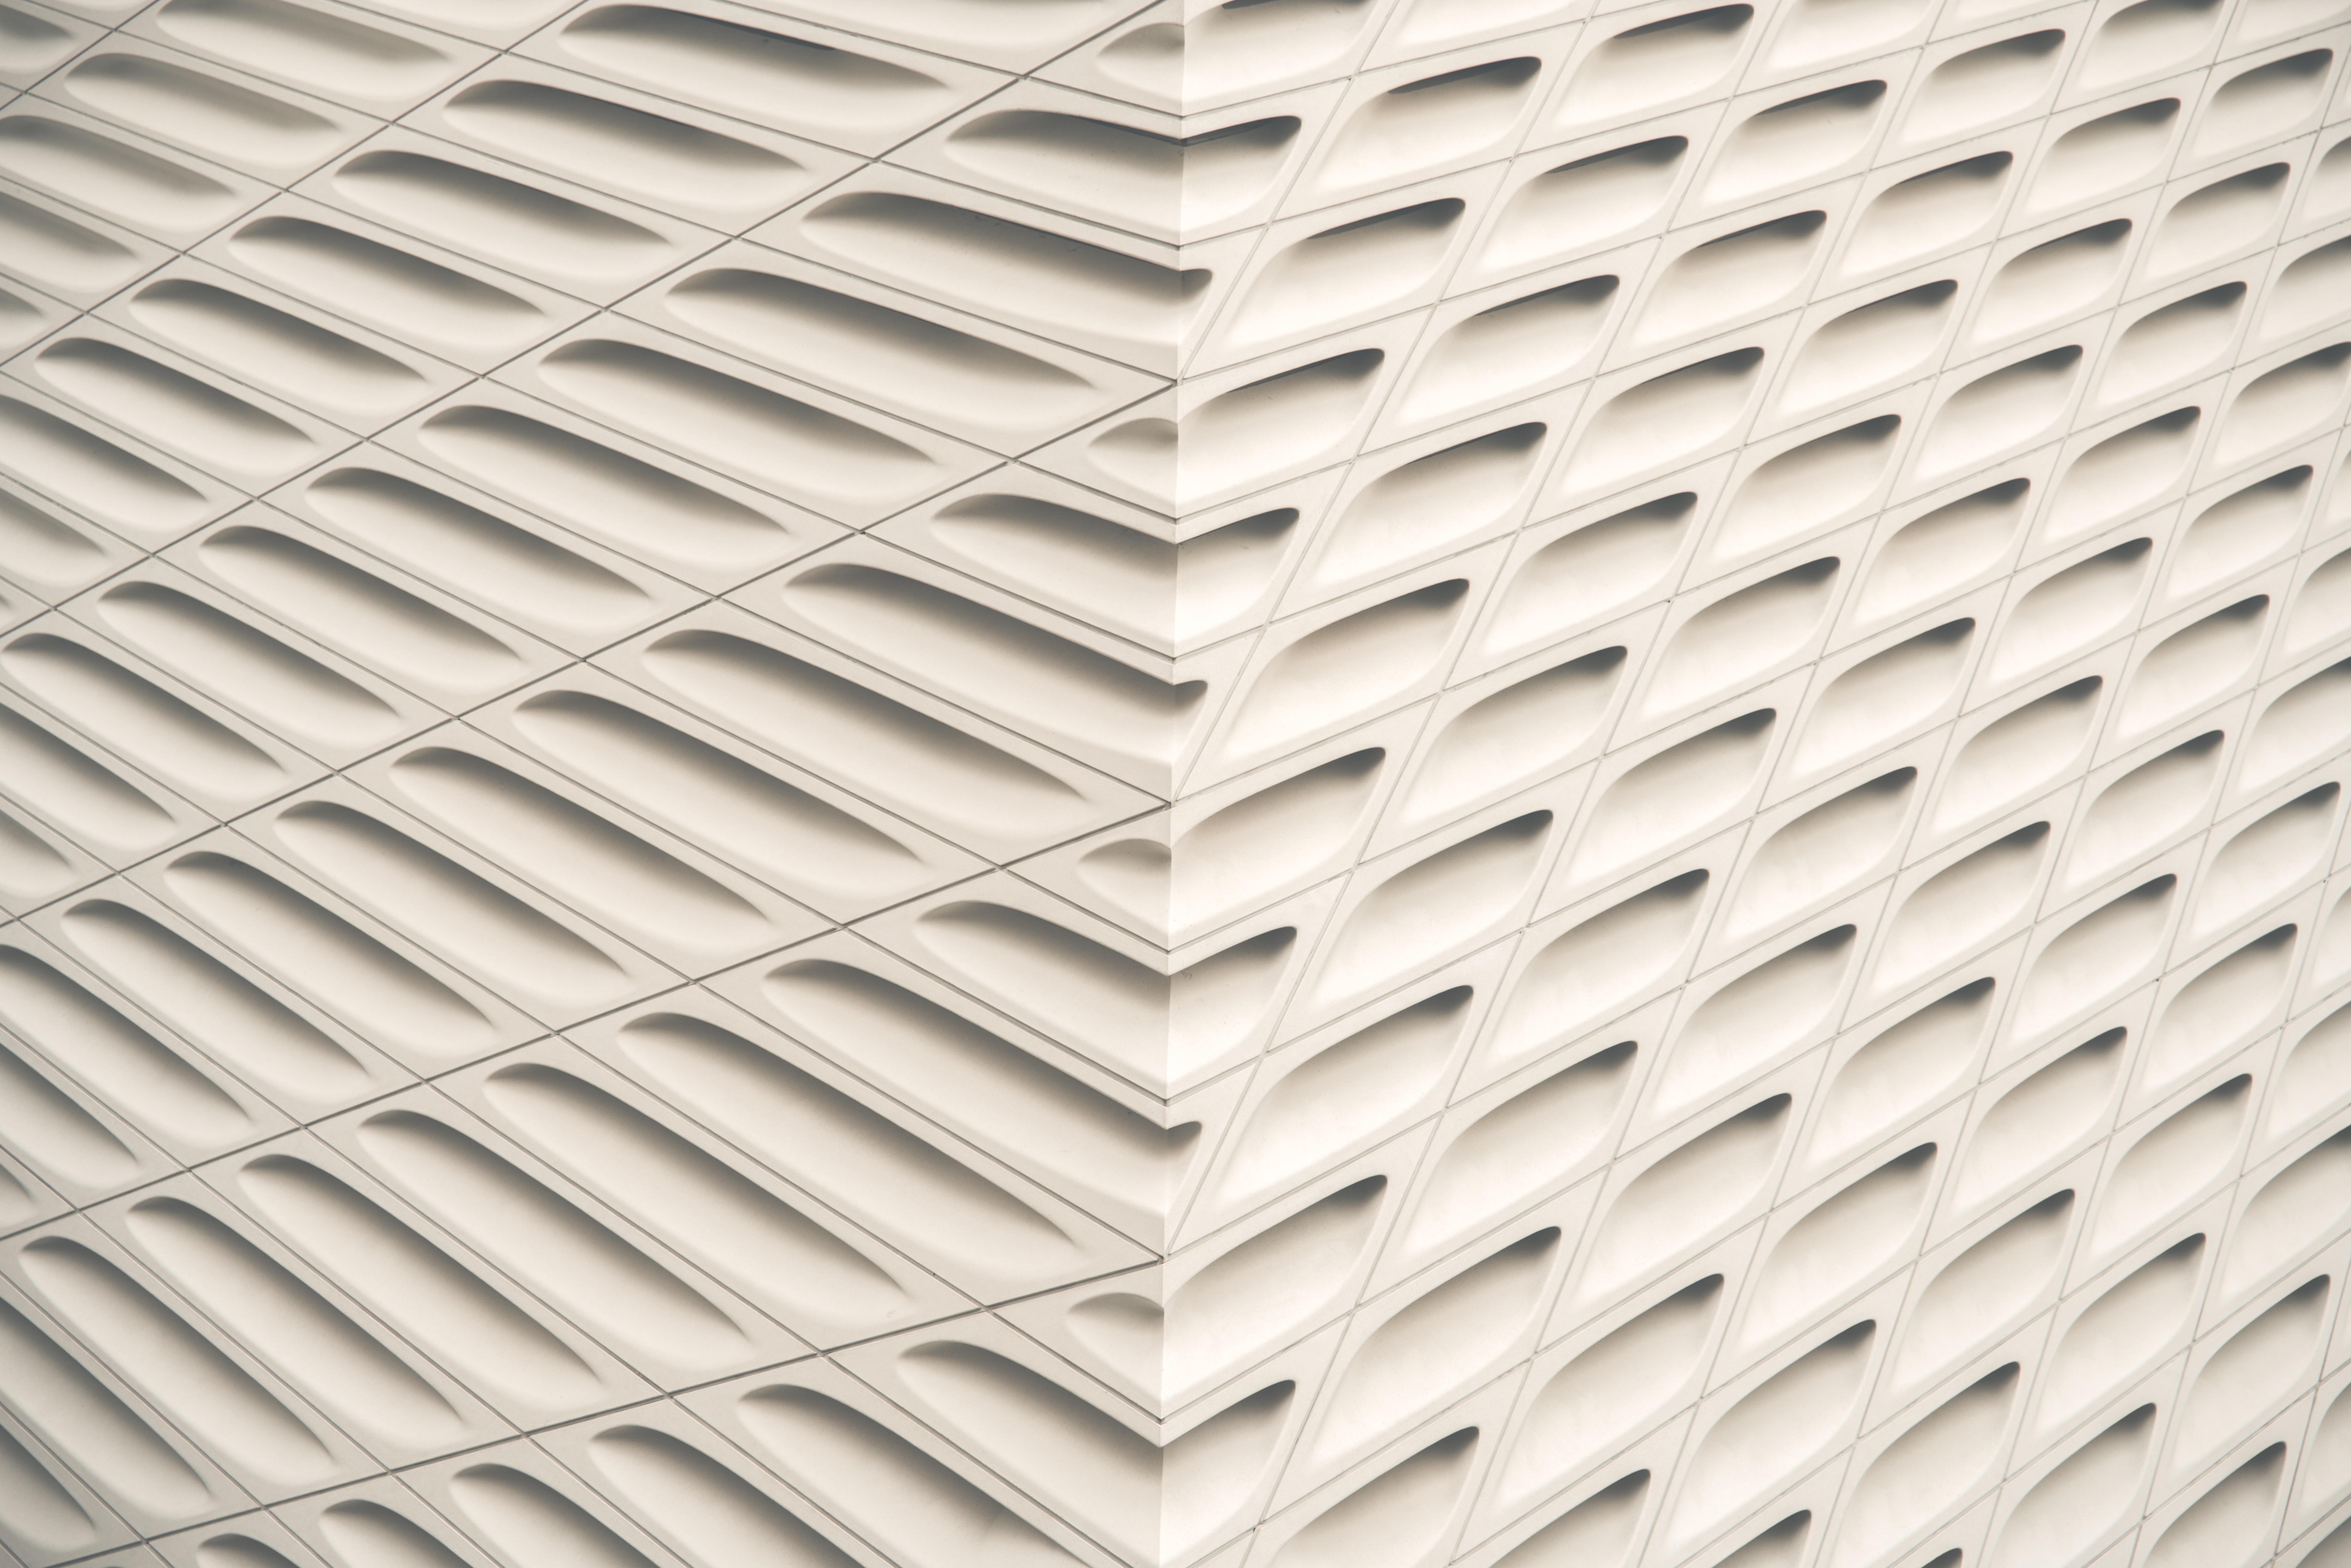 建築 木材 白 ルーフ 建物 天井 パターン ライン ファサード 材料 インテリア・デザイン 設計 昼光